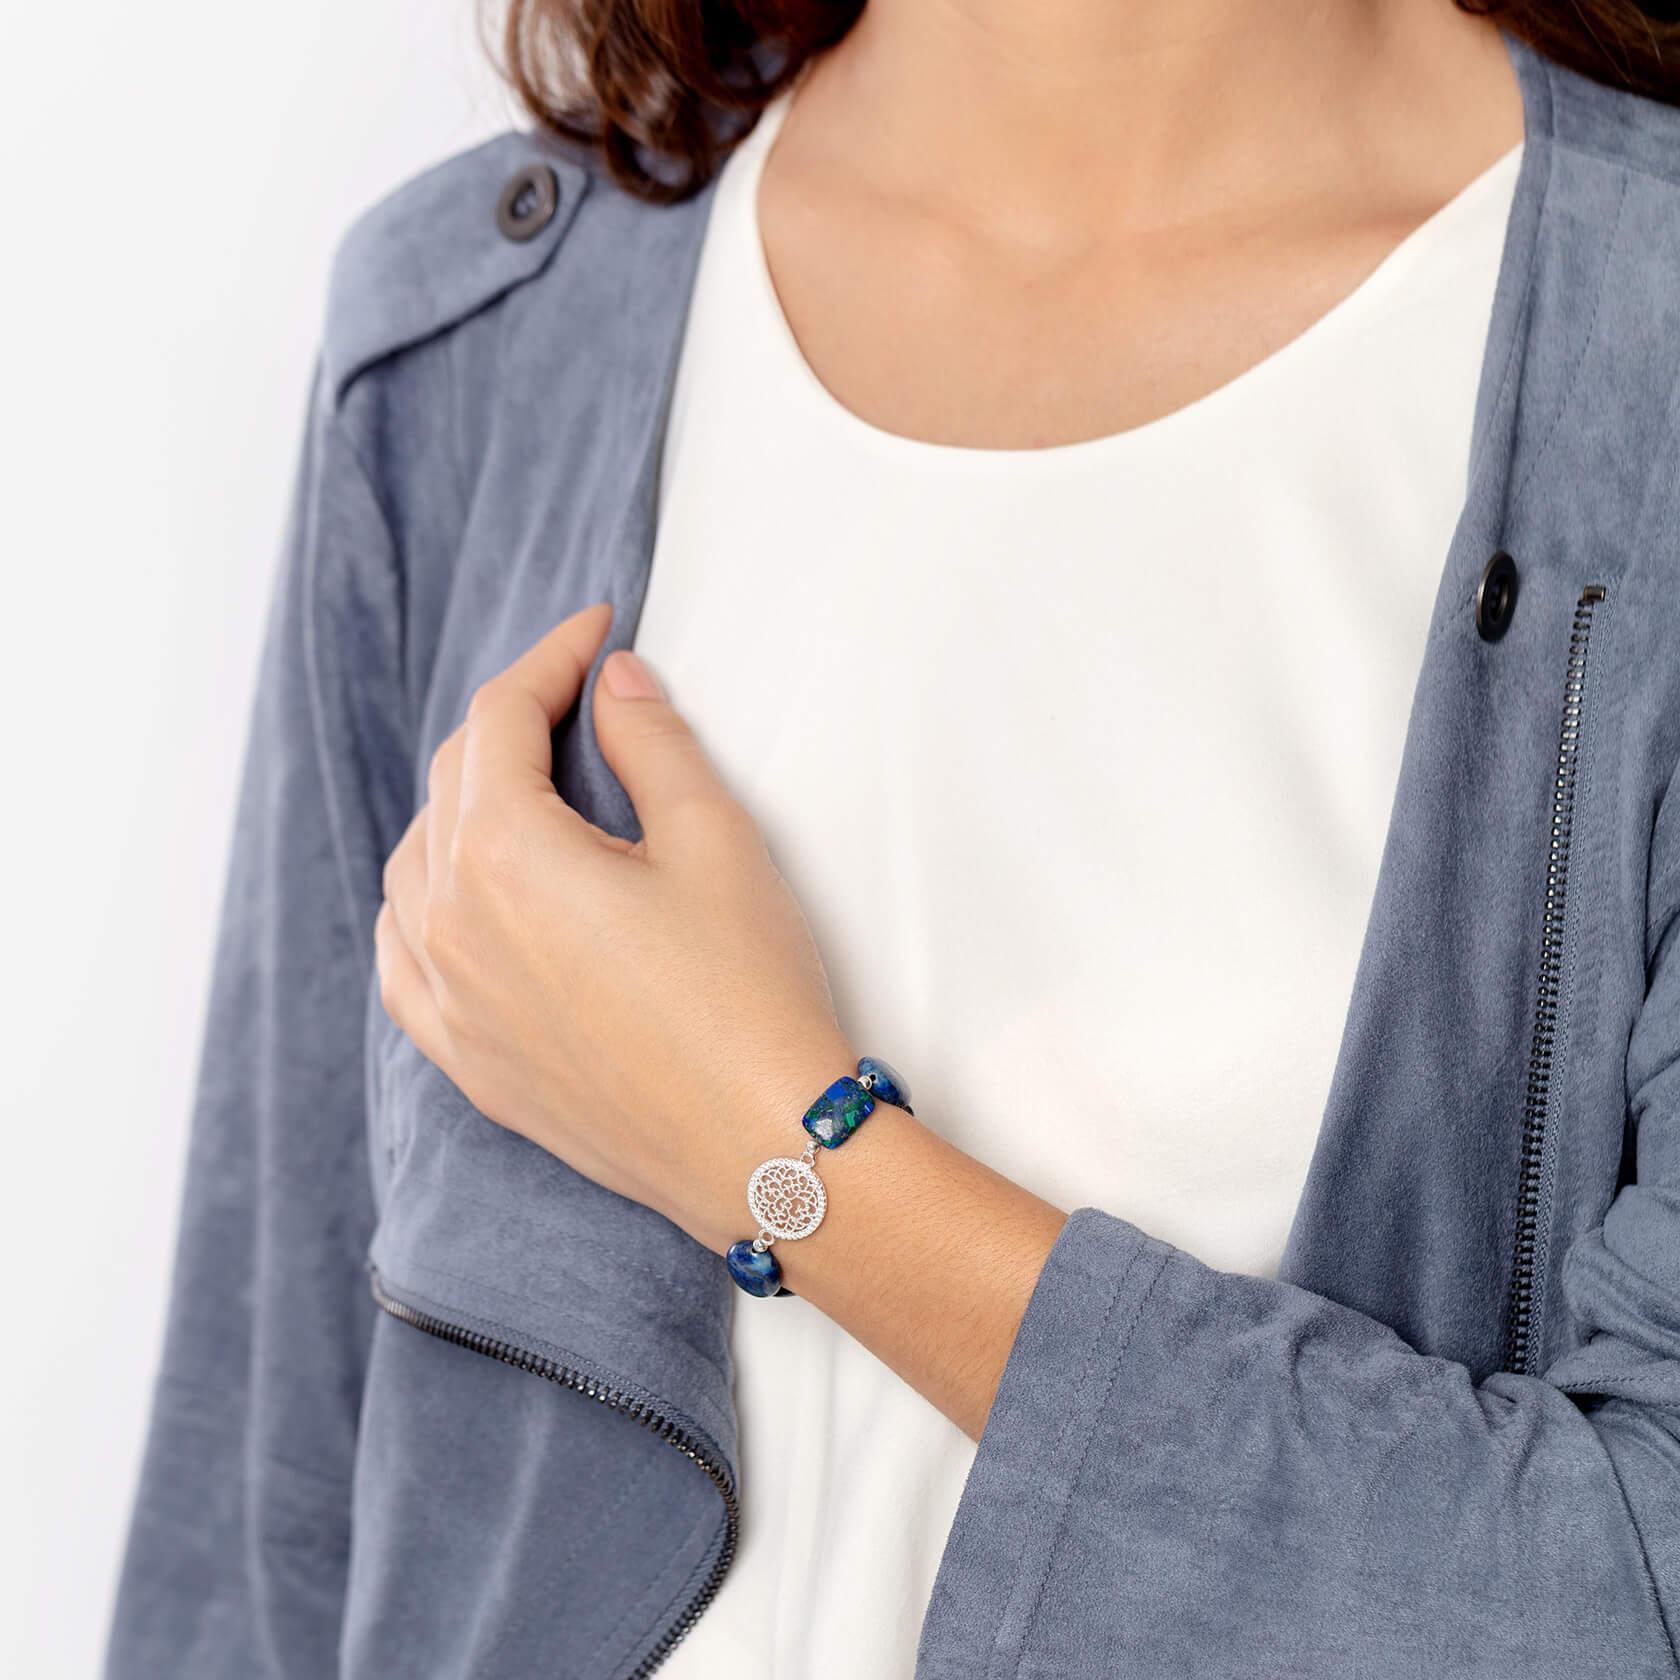 Mandala bracelet with lapis marybola